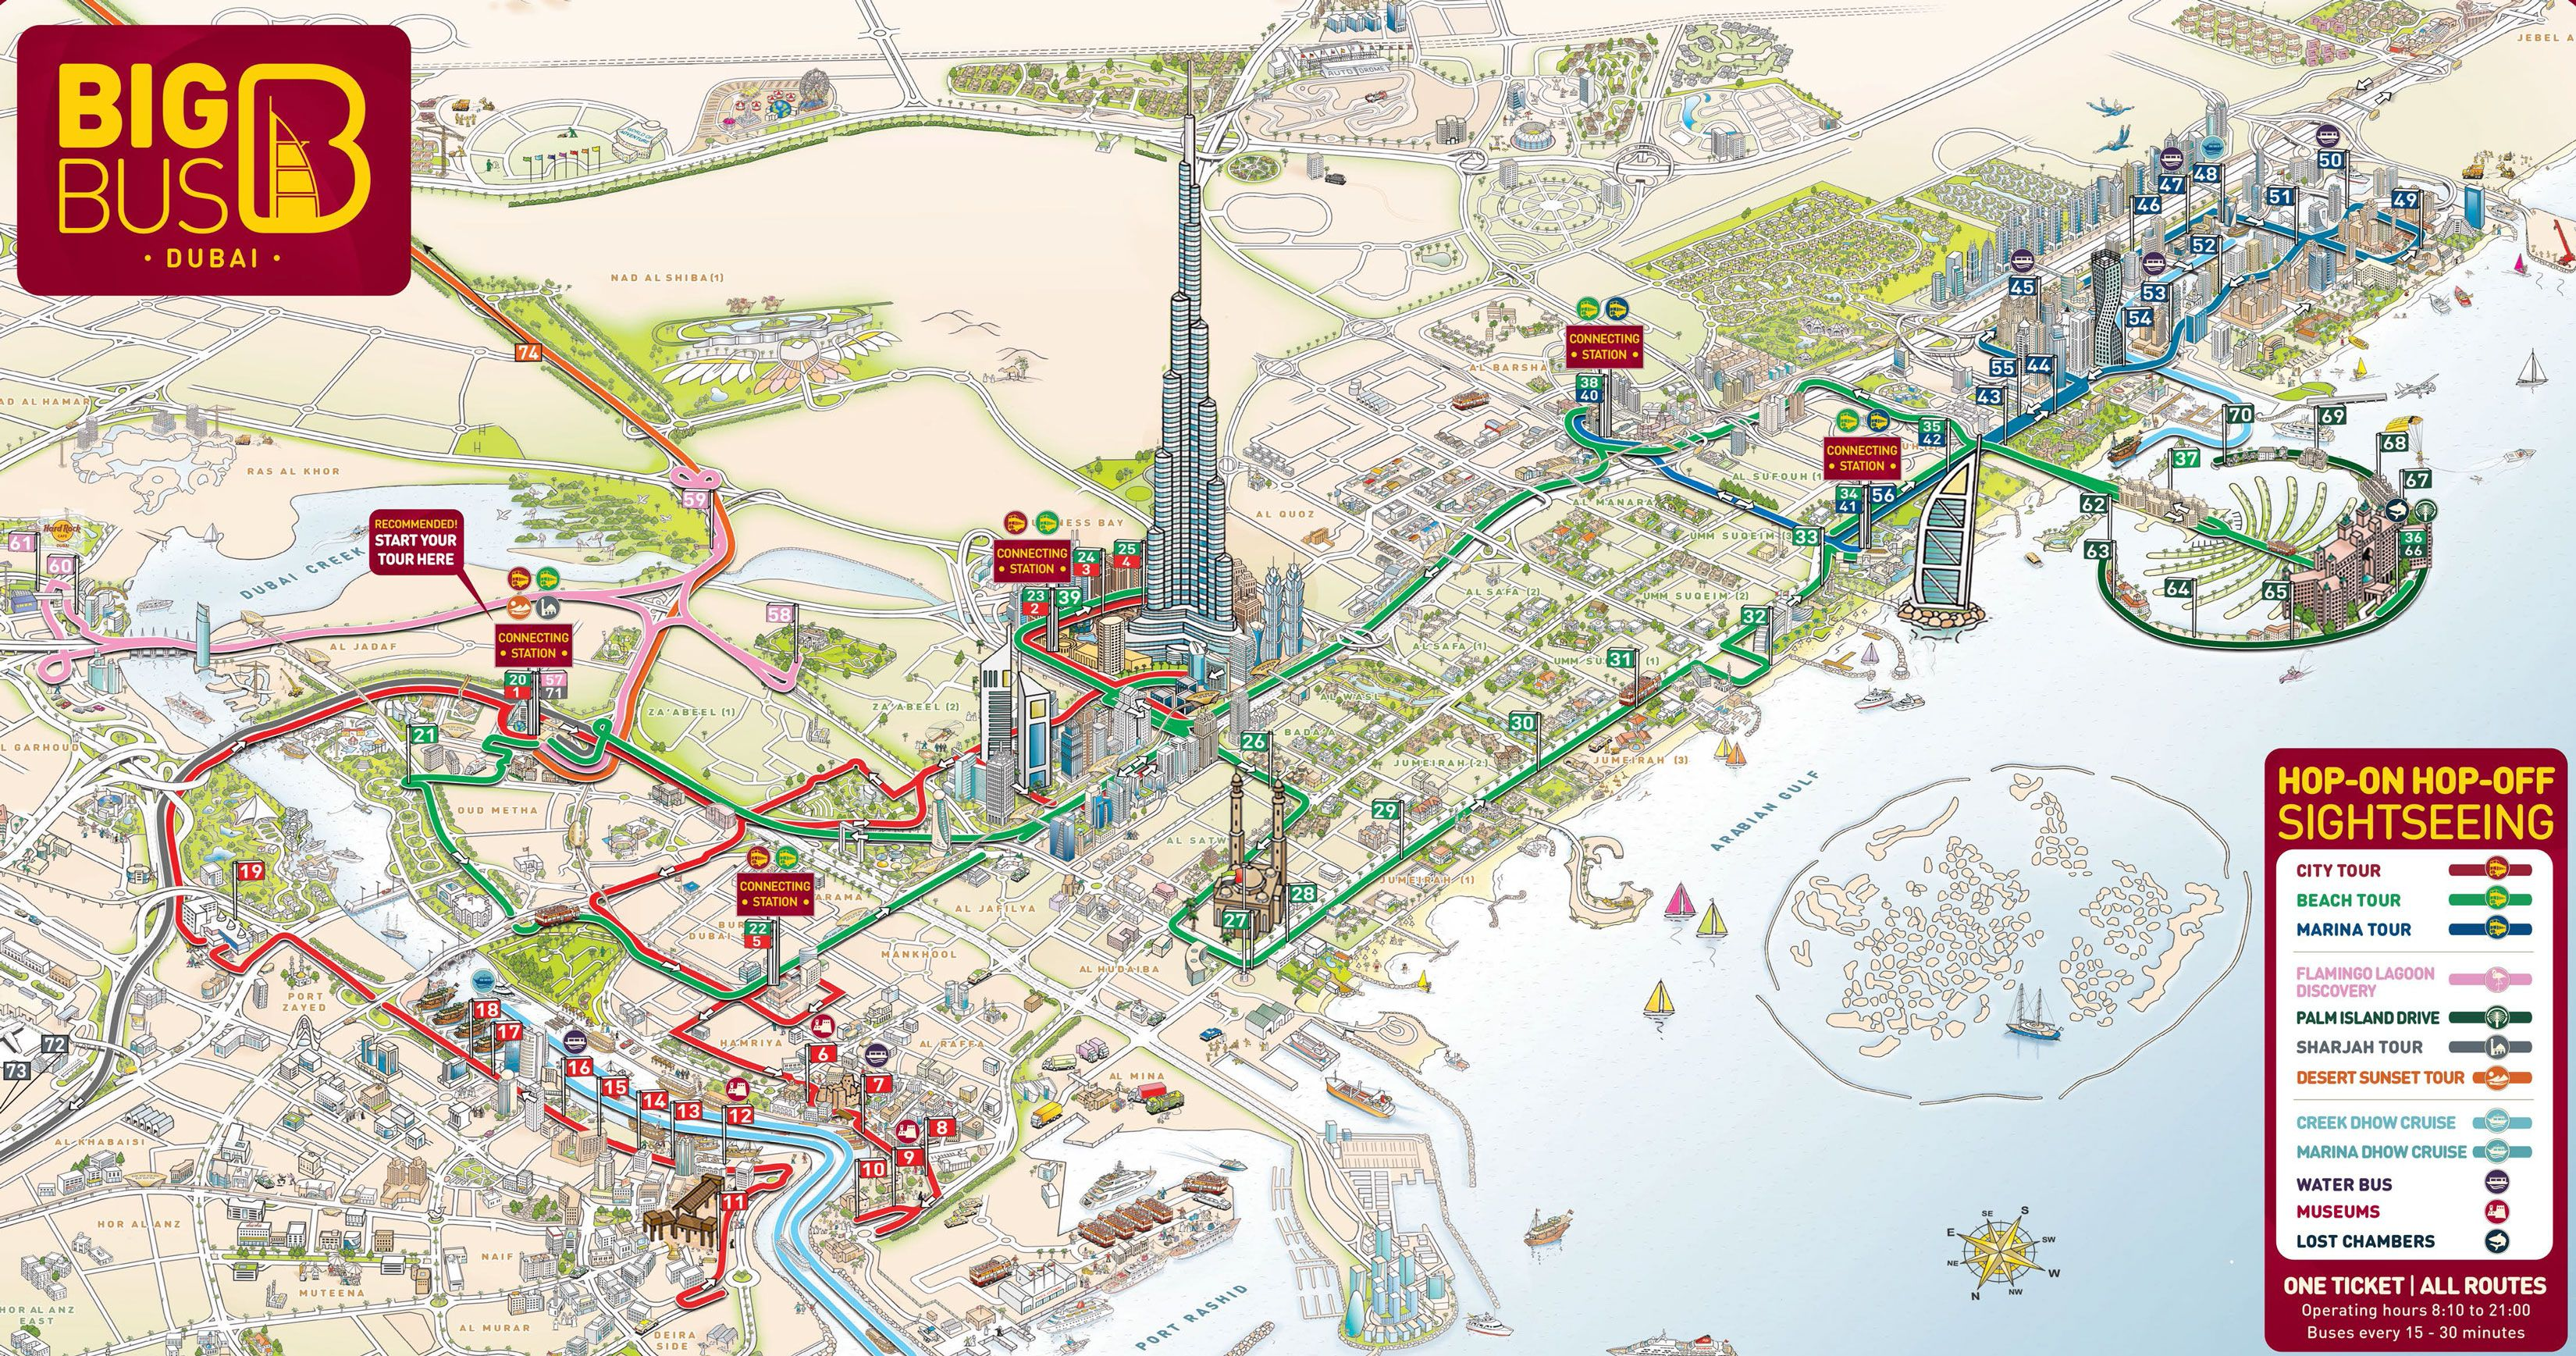 Map Of Dubai Hop On Hop Off Bus Tour With Big Bus Matkustaminen - Bus map abu dhabi